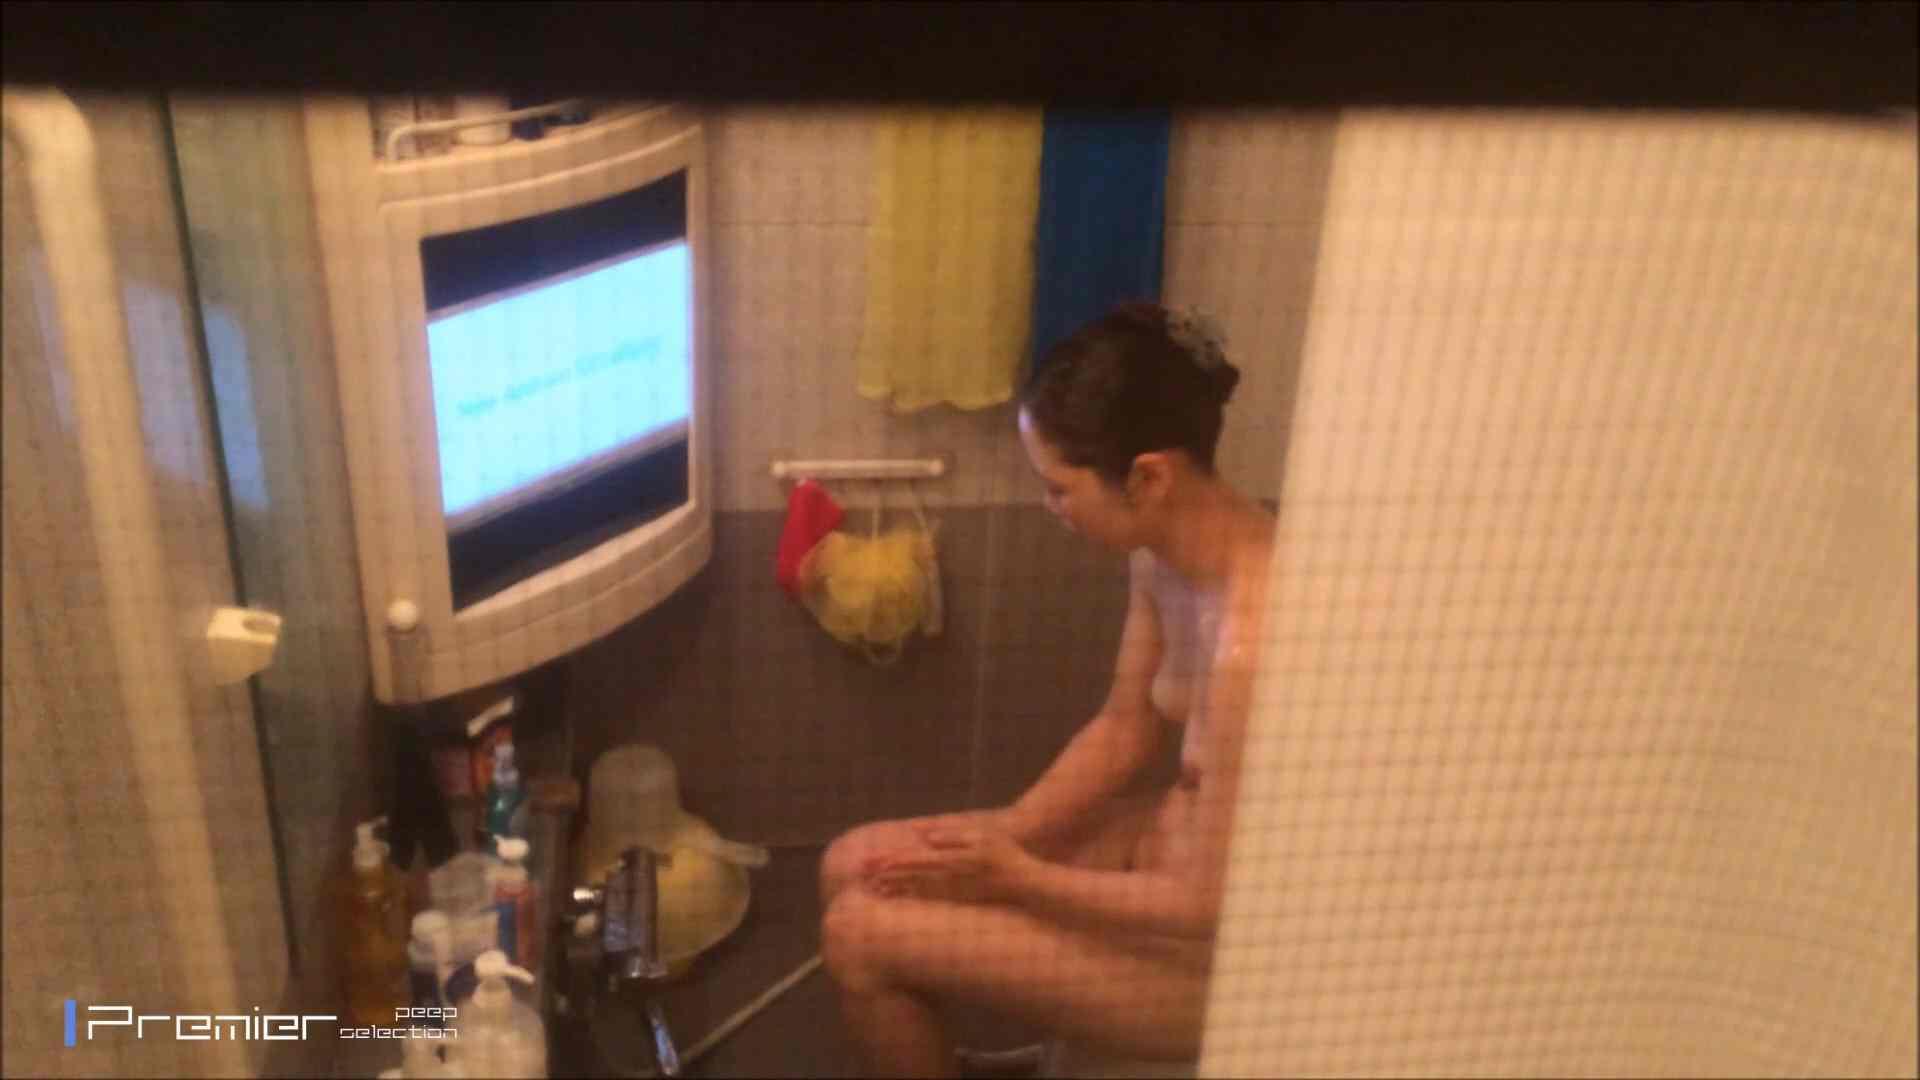 美女のテレビを見ながらの入浴 乙女の風呂場 Vol.21 盗撮で悶絶 オマンコ無修正動画無料 111画像 82